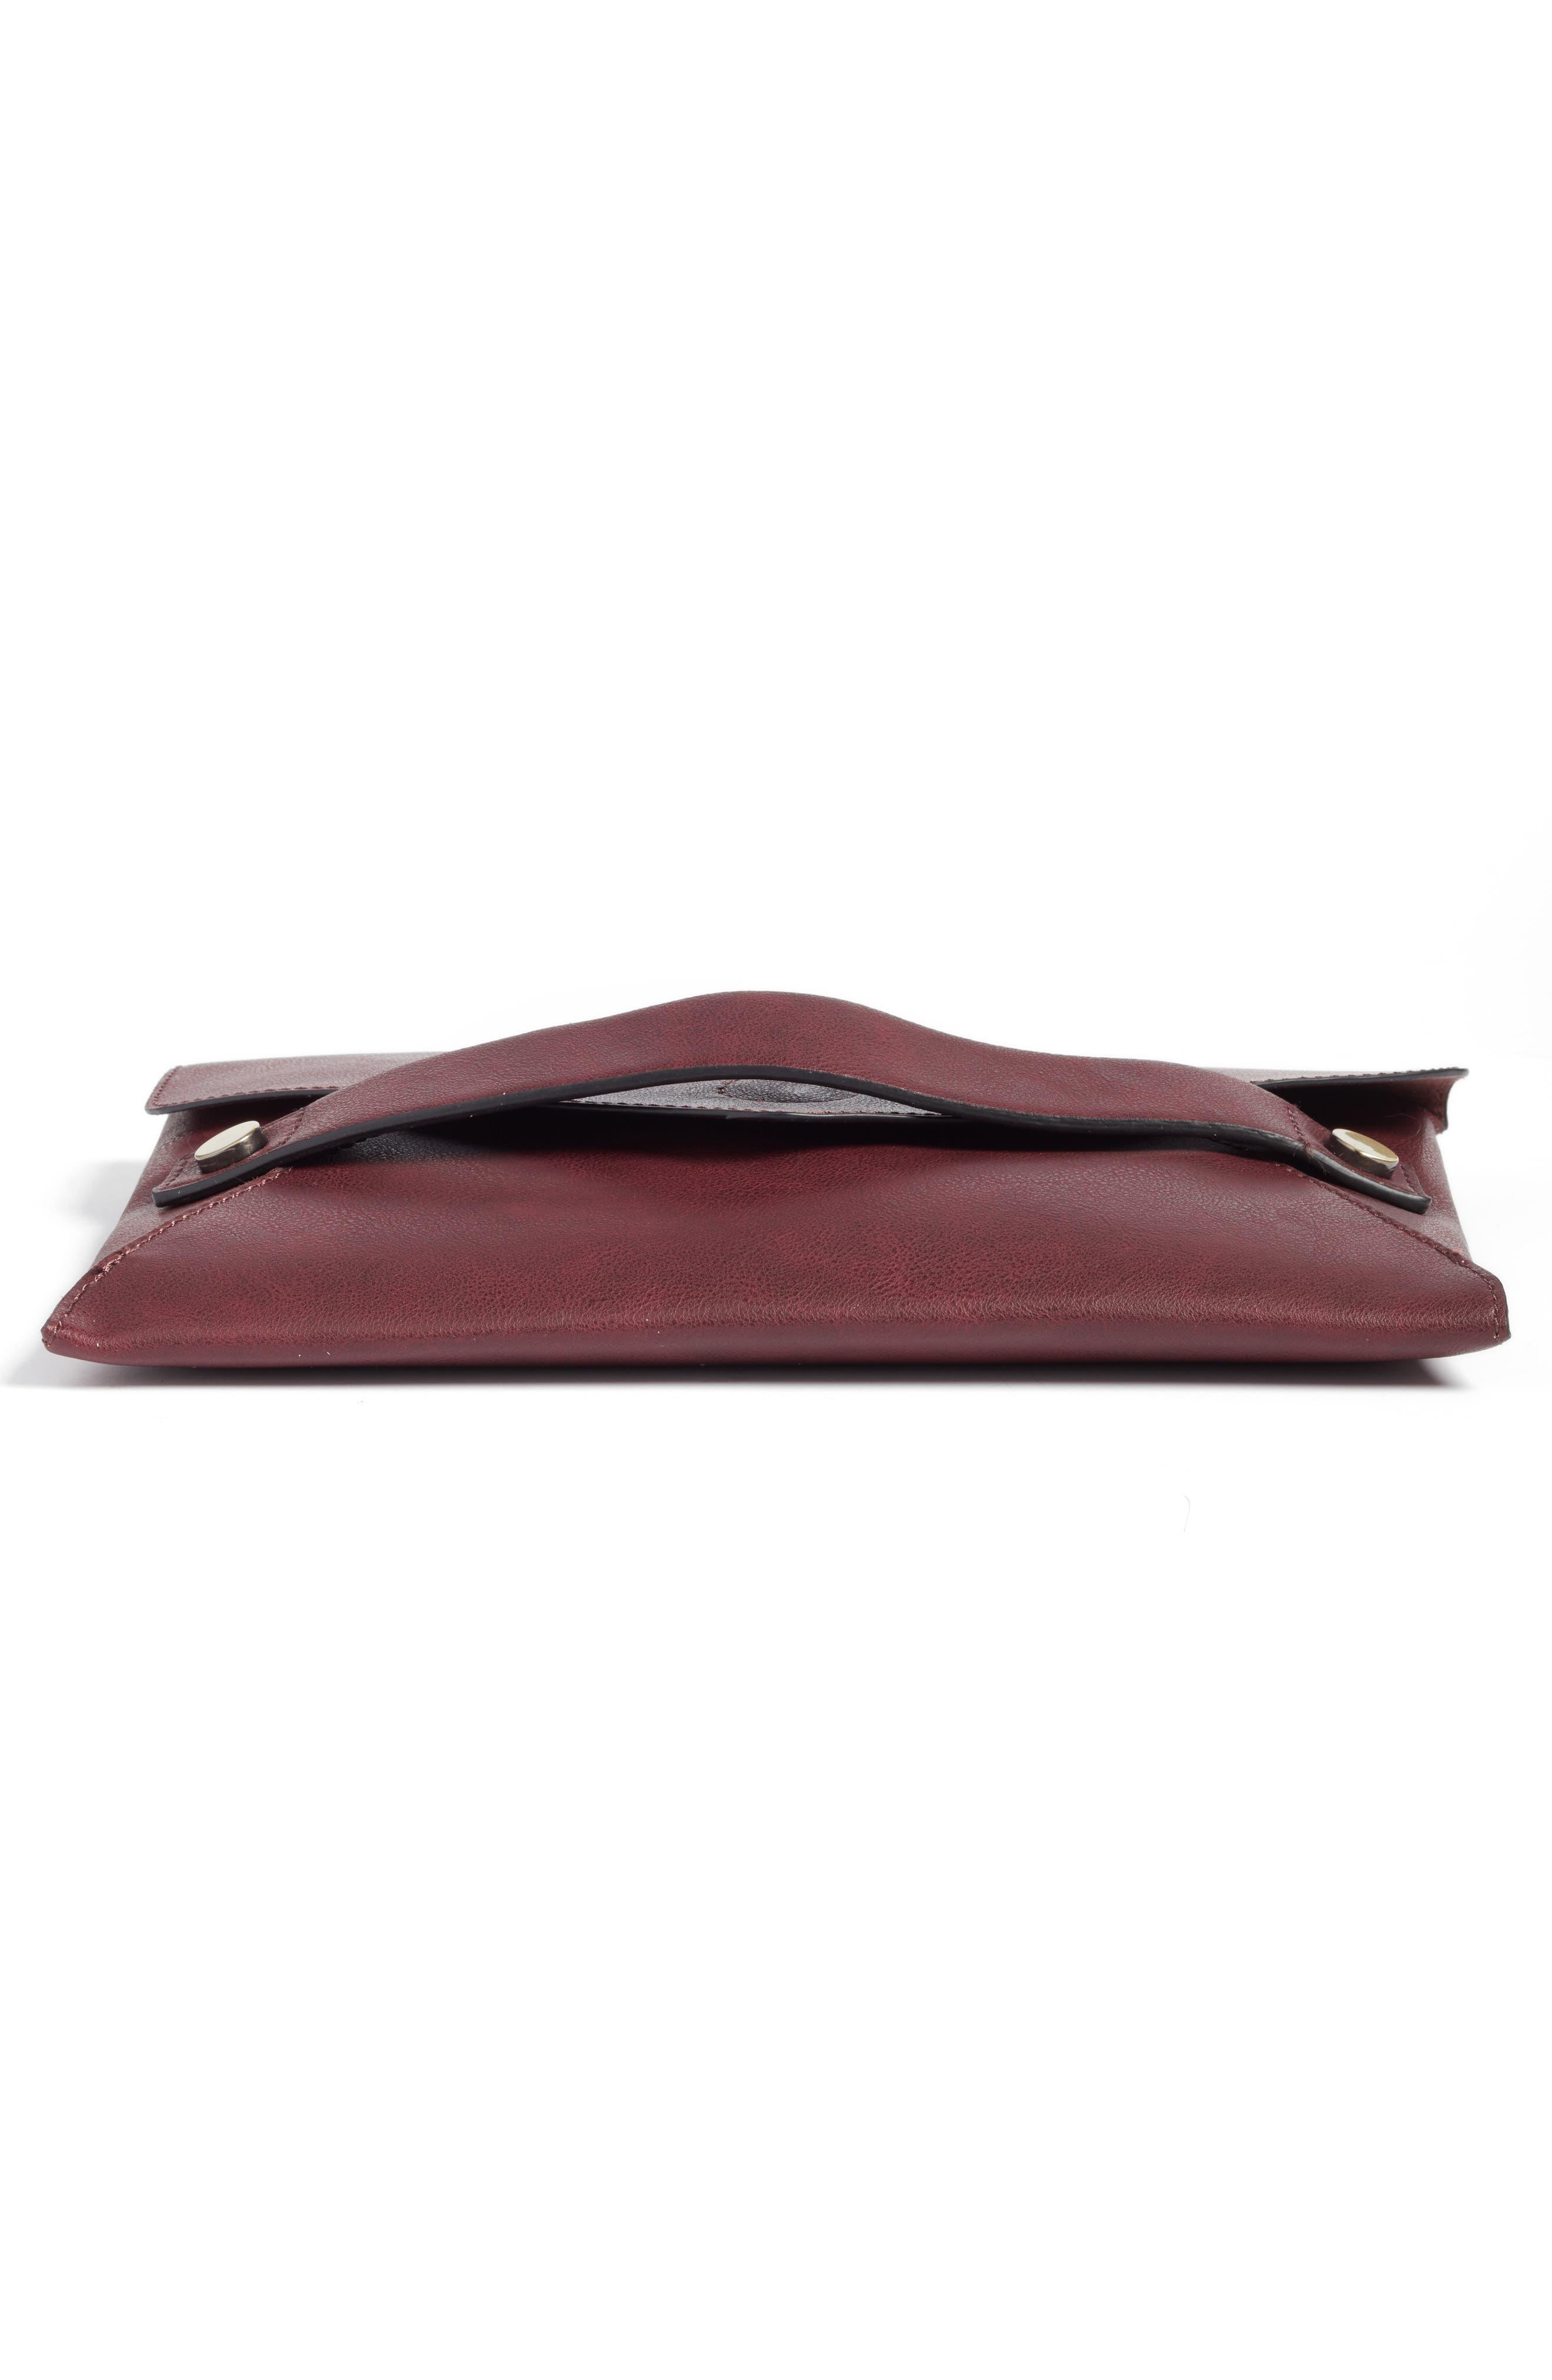 Karen Faux Leather Envelope Clutch,                             Alternate thumbnail 18, color,